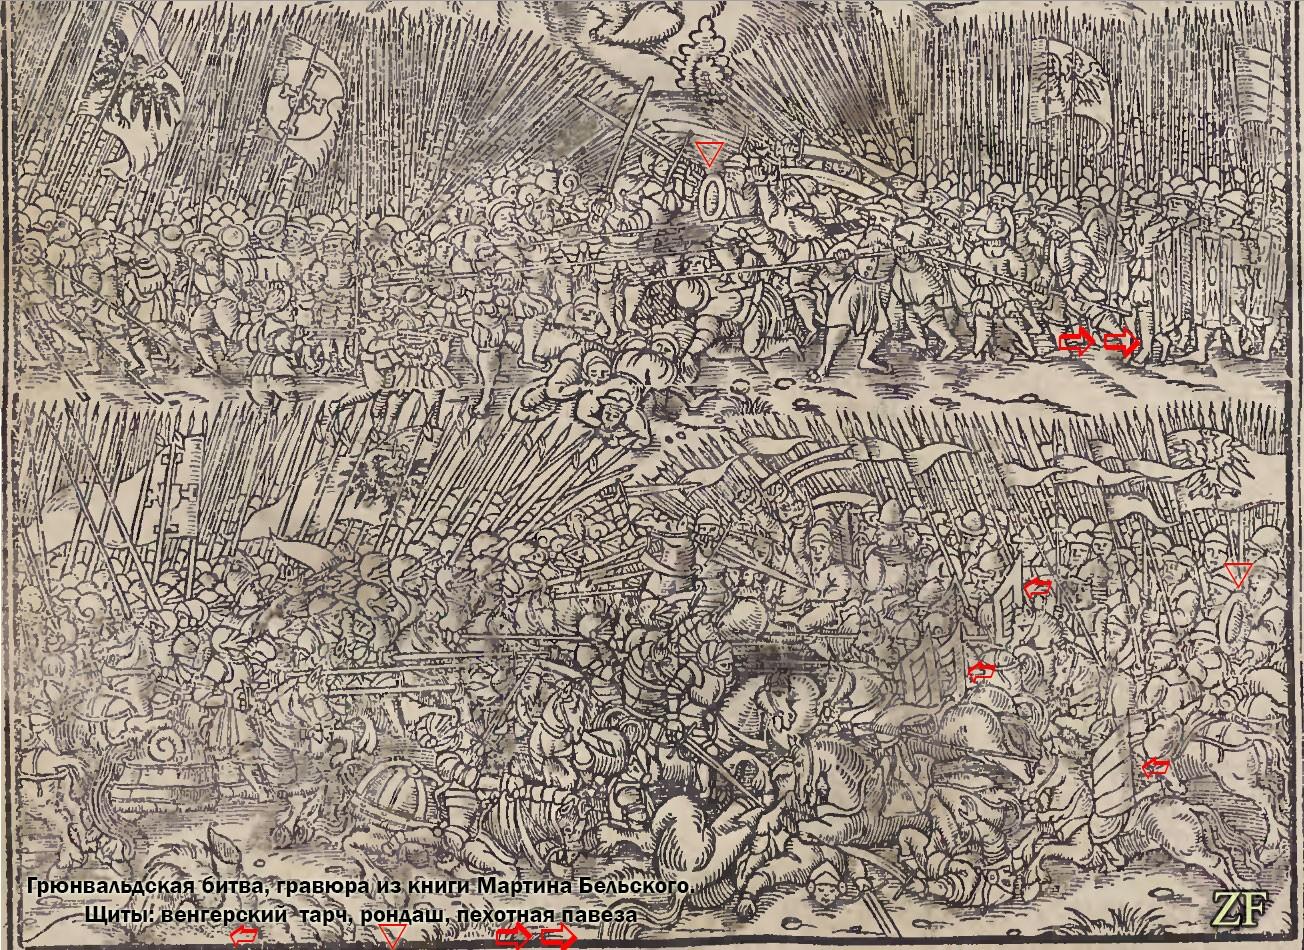 Грюнвальдская битва, 1410 год, изображение из работы Мартина Бельского, в редакции 1564 года, с указанием видов щитов